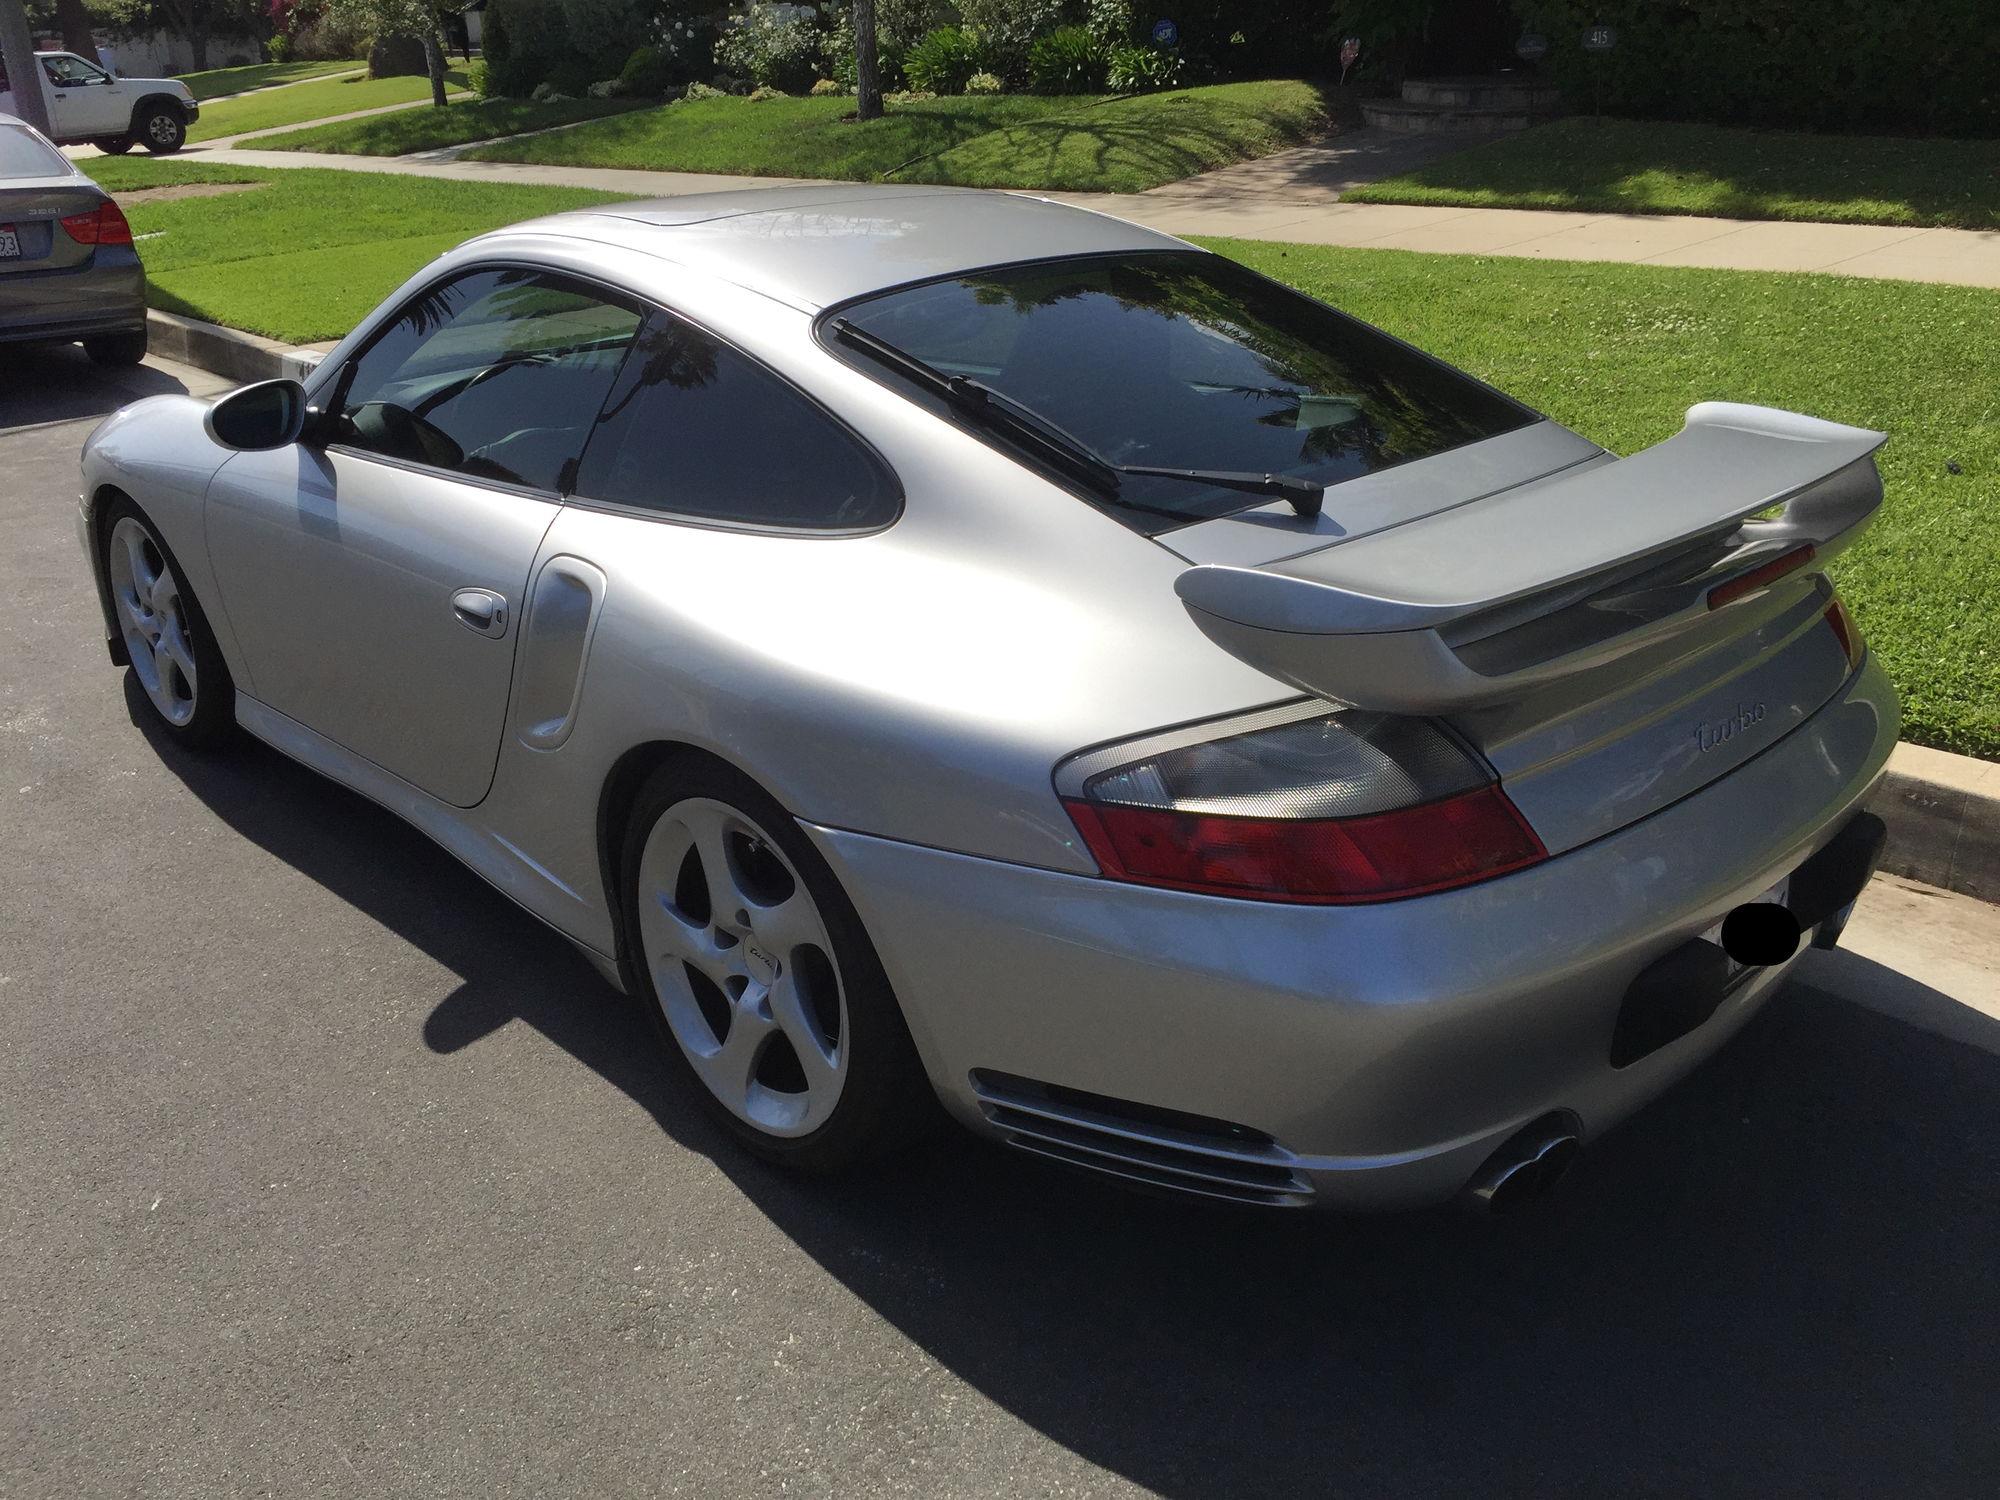 80-04_exterior_right03_fb47ddce74738e2da7ba73acad6ab151c18dcc4a Terrific 2002 Porsche 911 Carrera Turbo Gt2 X50 Cars Trend